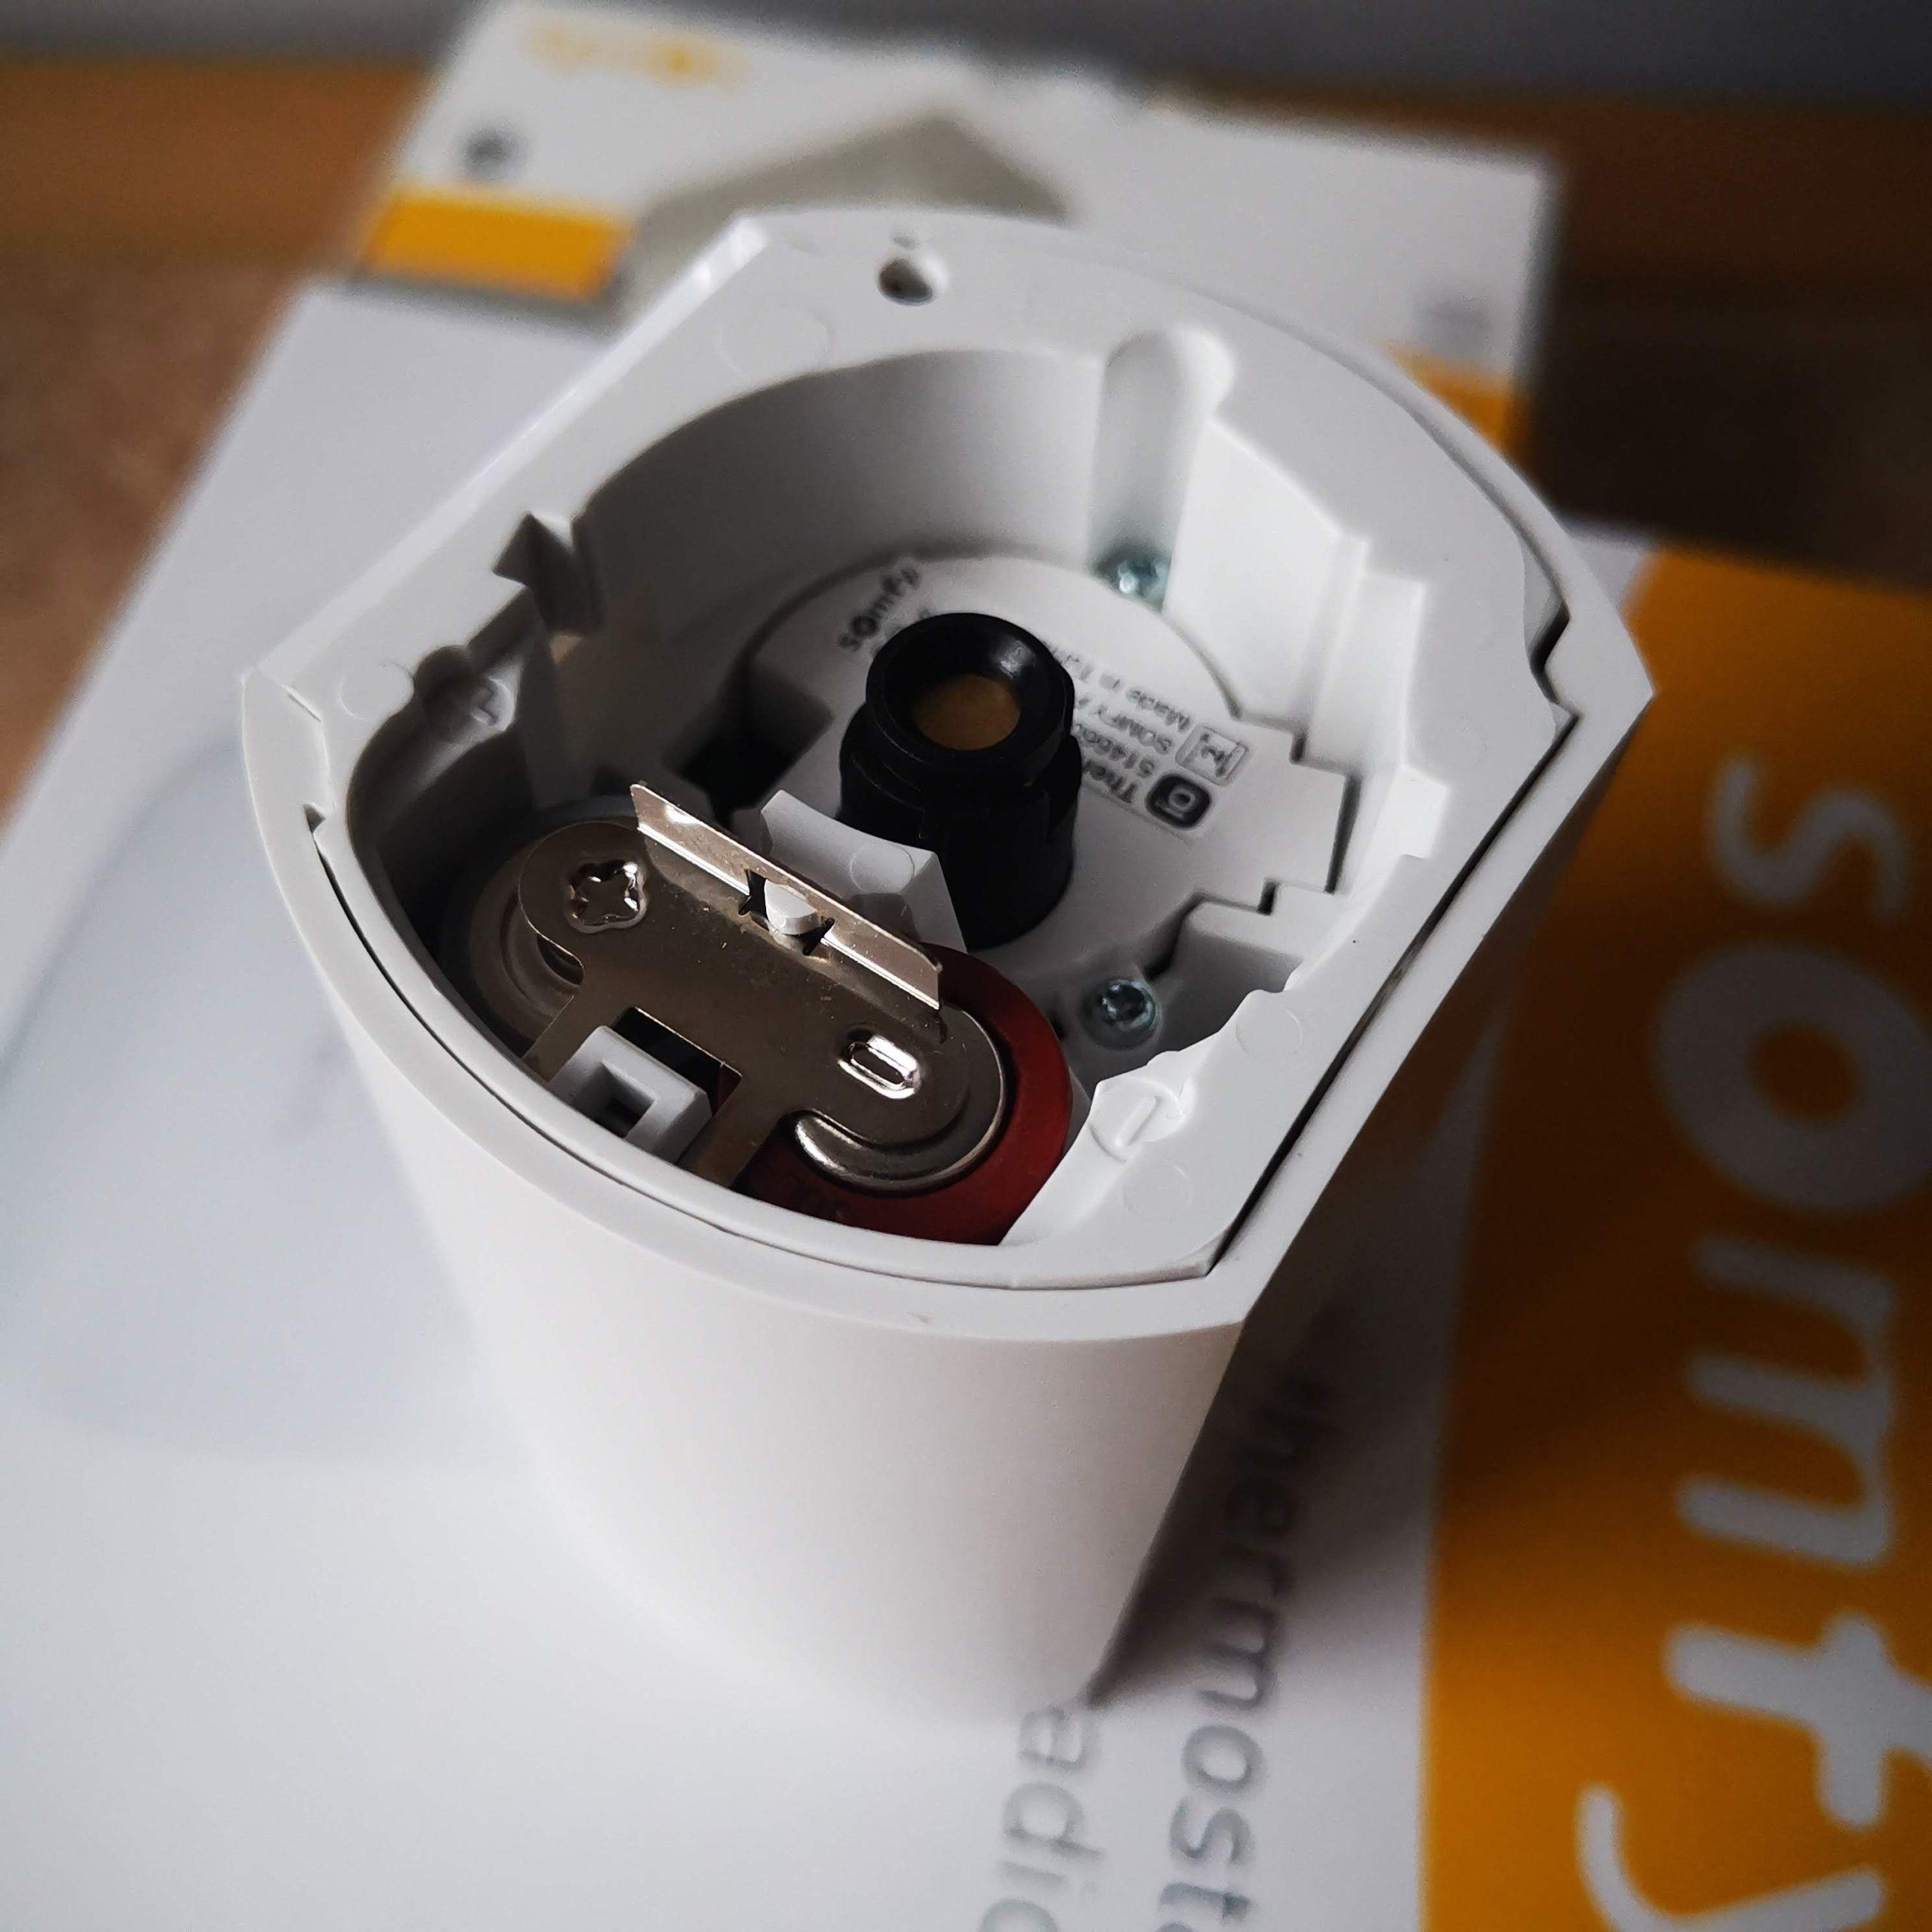 Głowca termostatyczna Somfy baterie